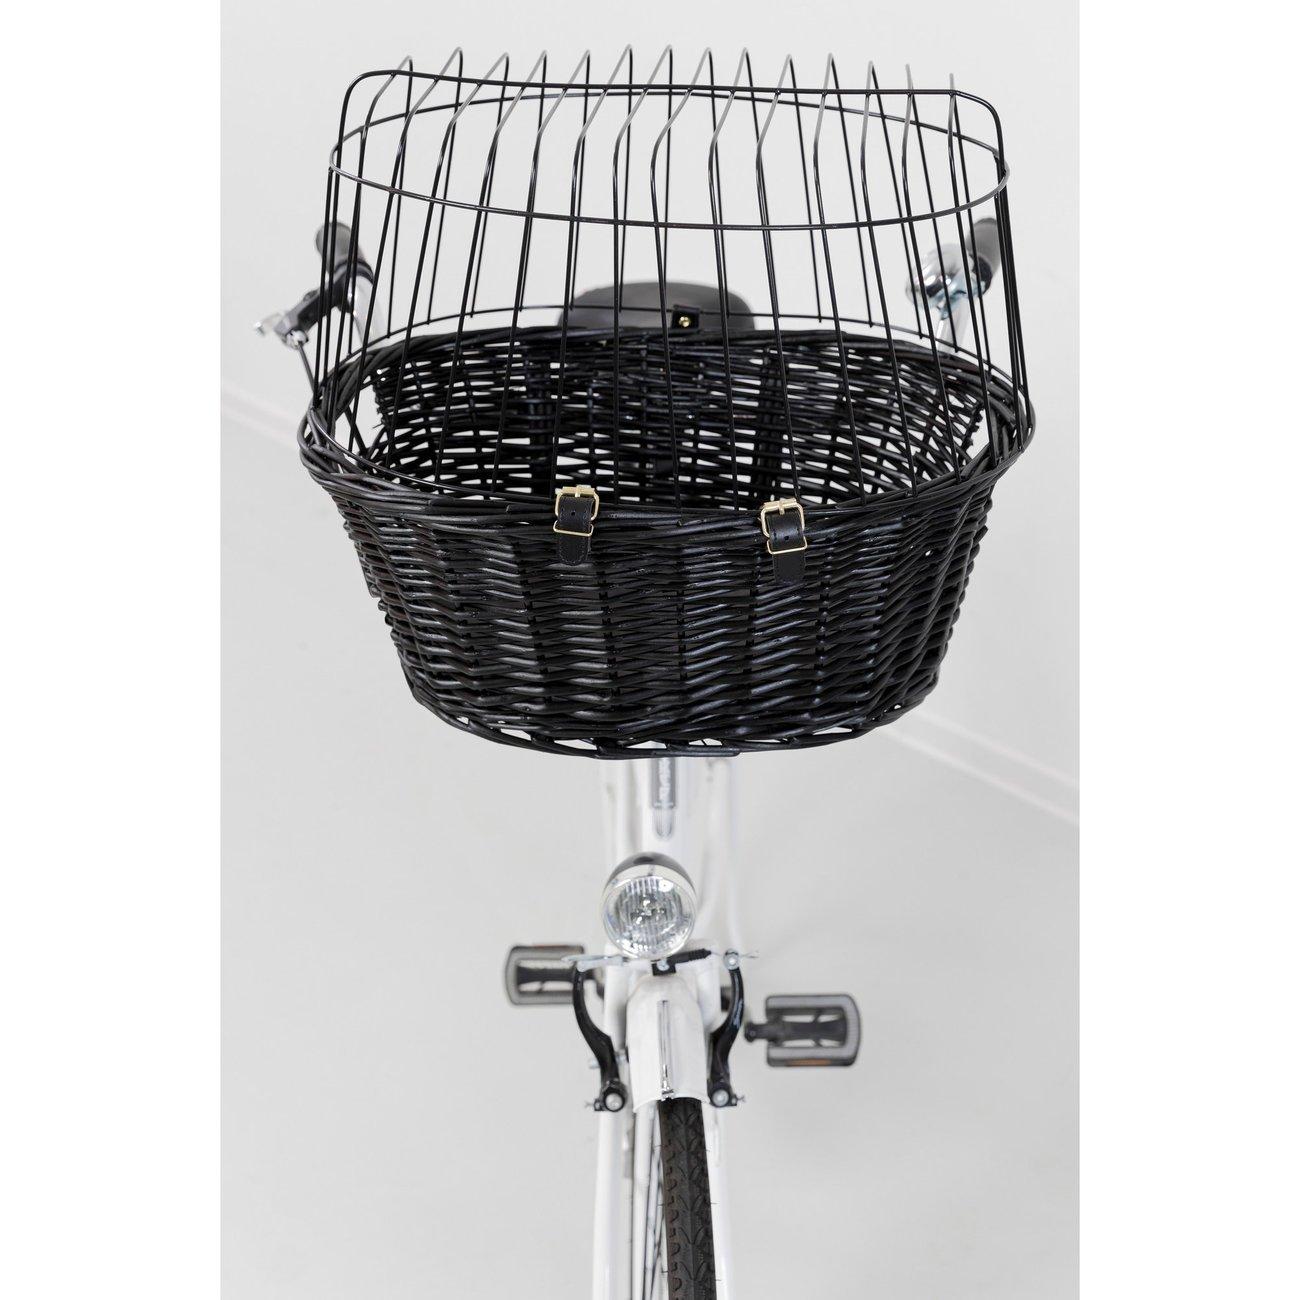 TRIXIE Fahrradkorb mit Gitter, schwarz 2818, Bild 4